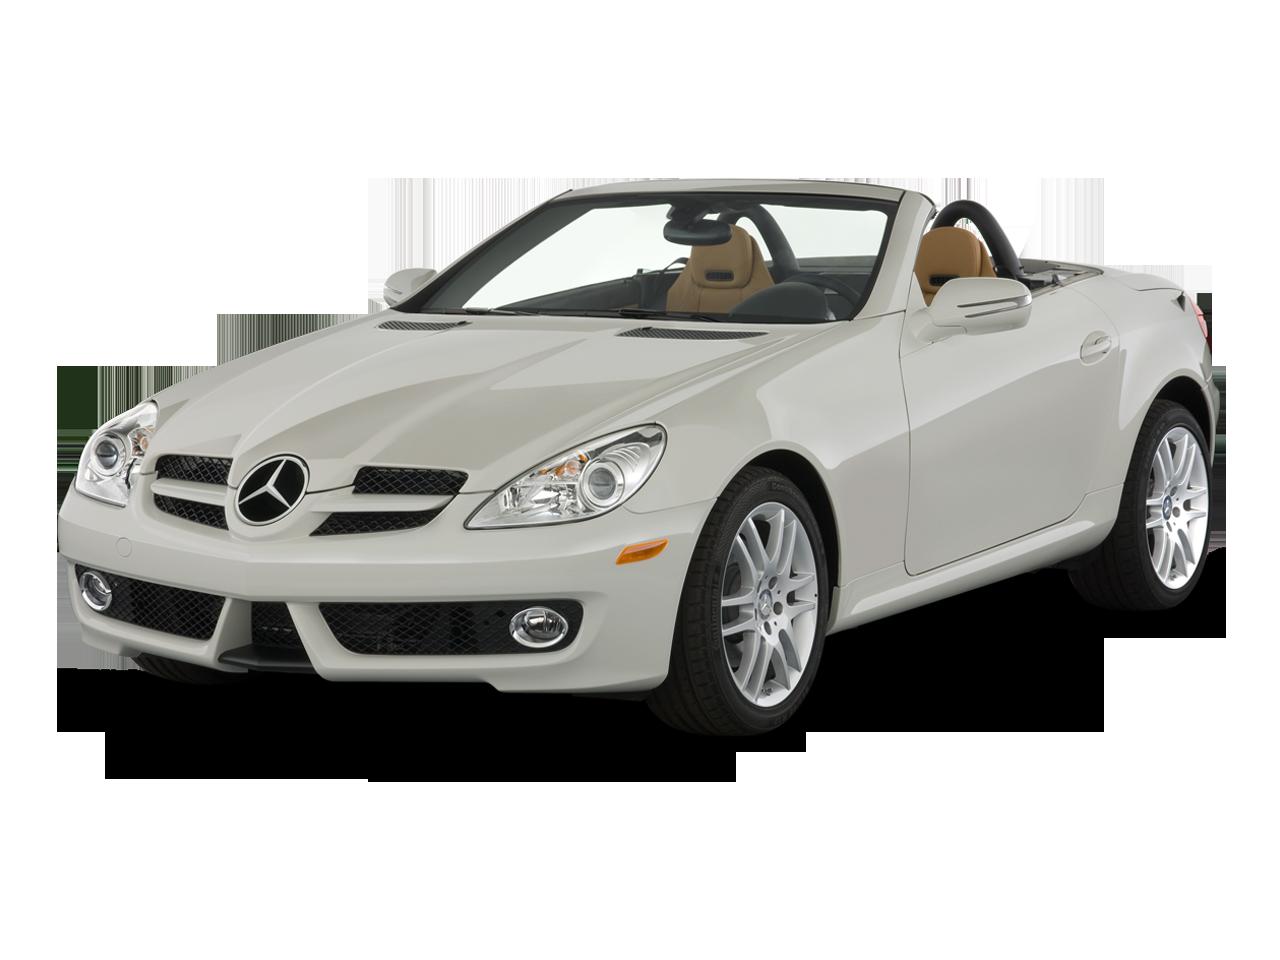 2009 Mercedes Benz Slk350 Mercedes Benz Luxury